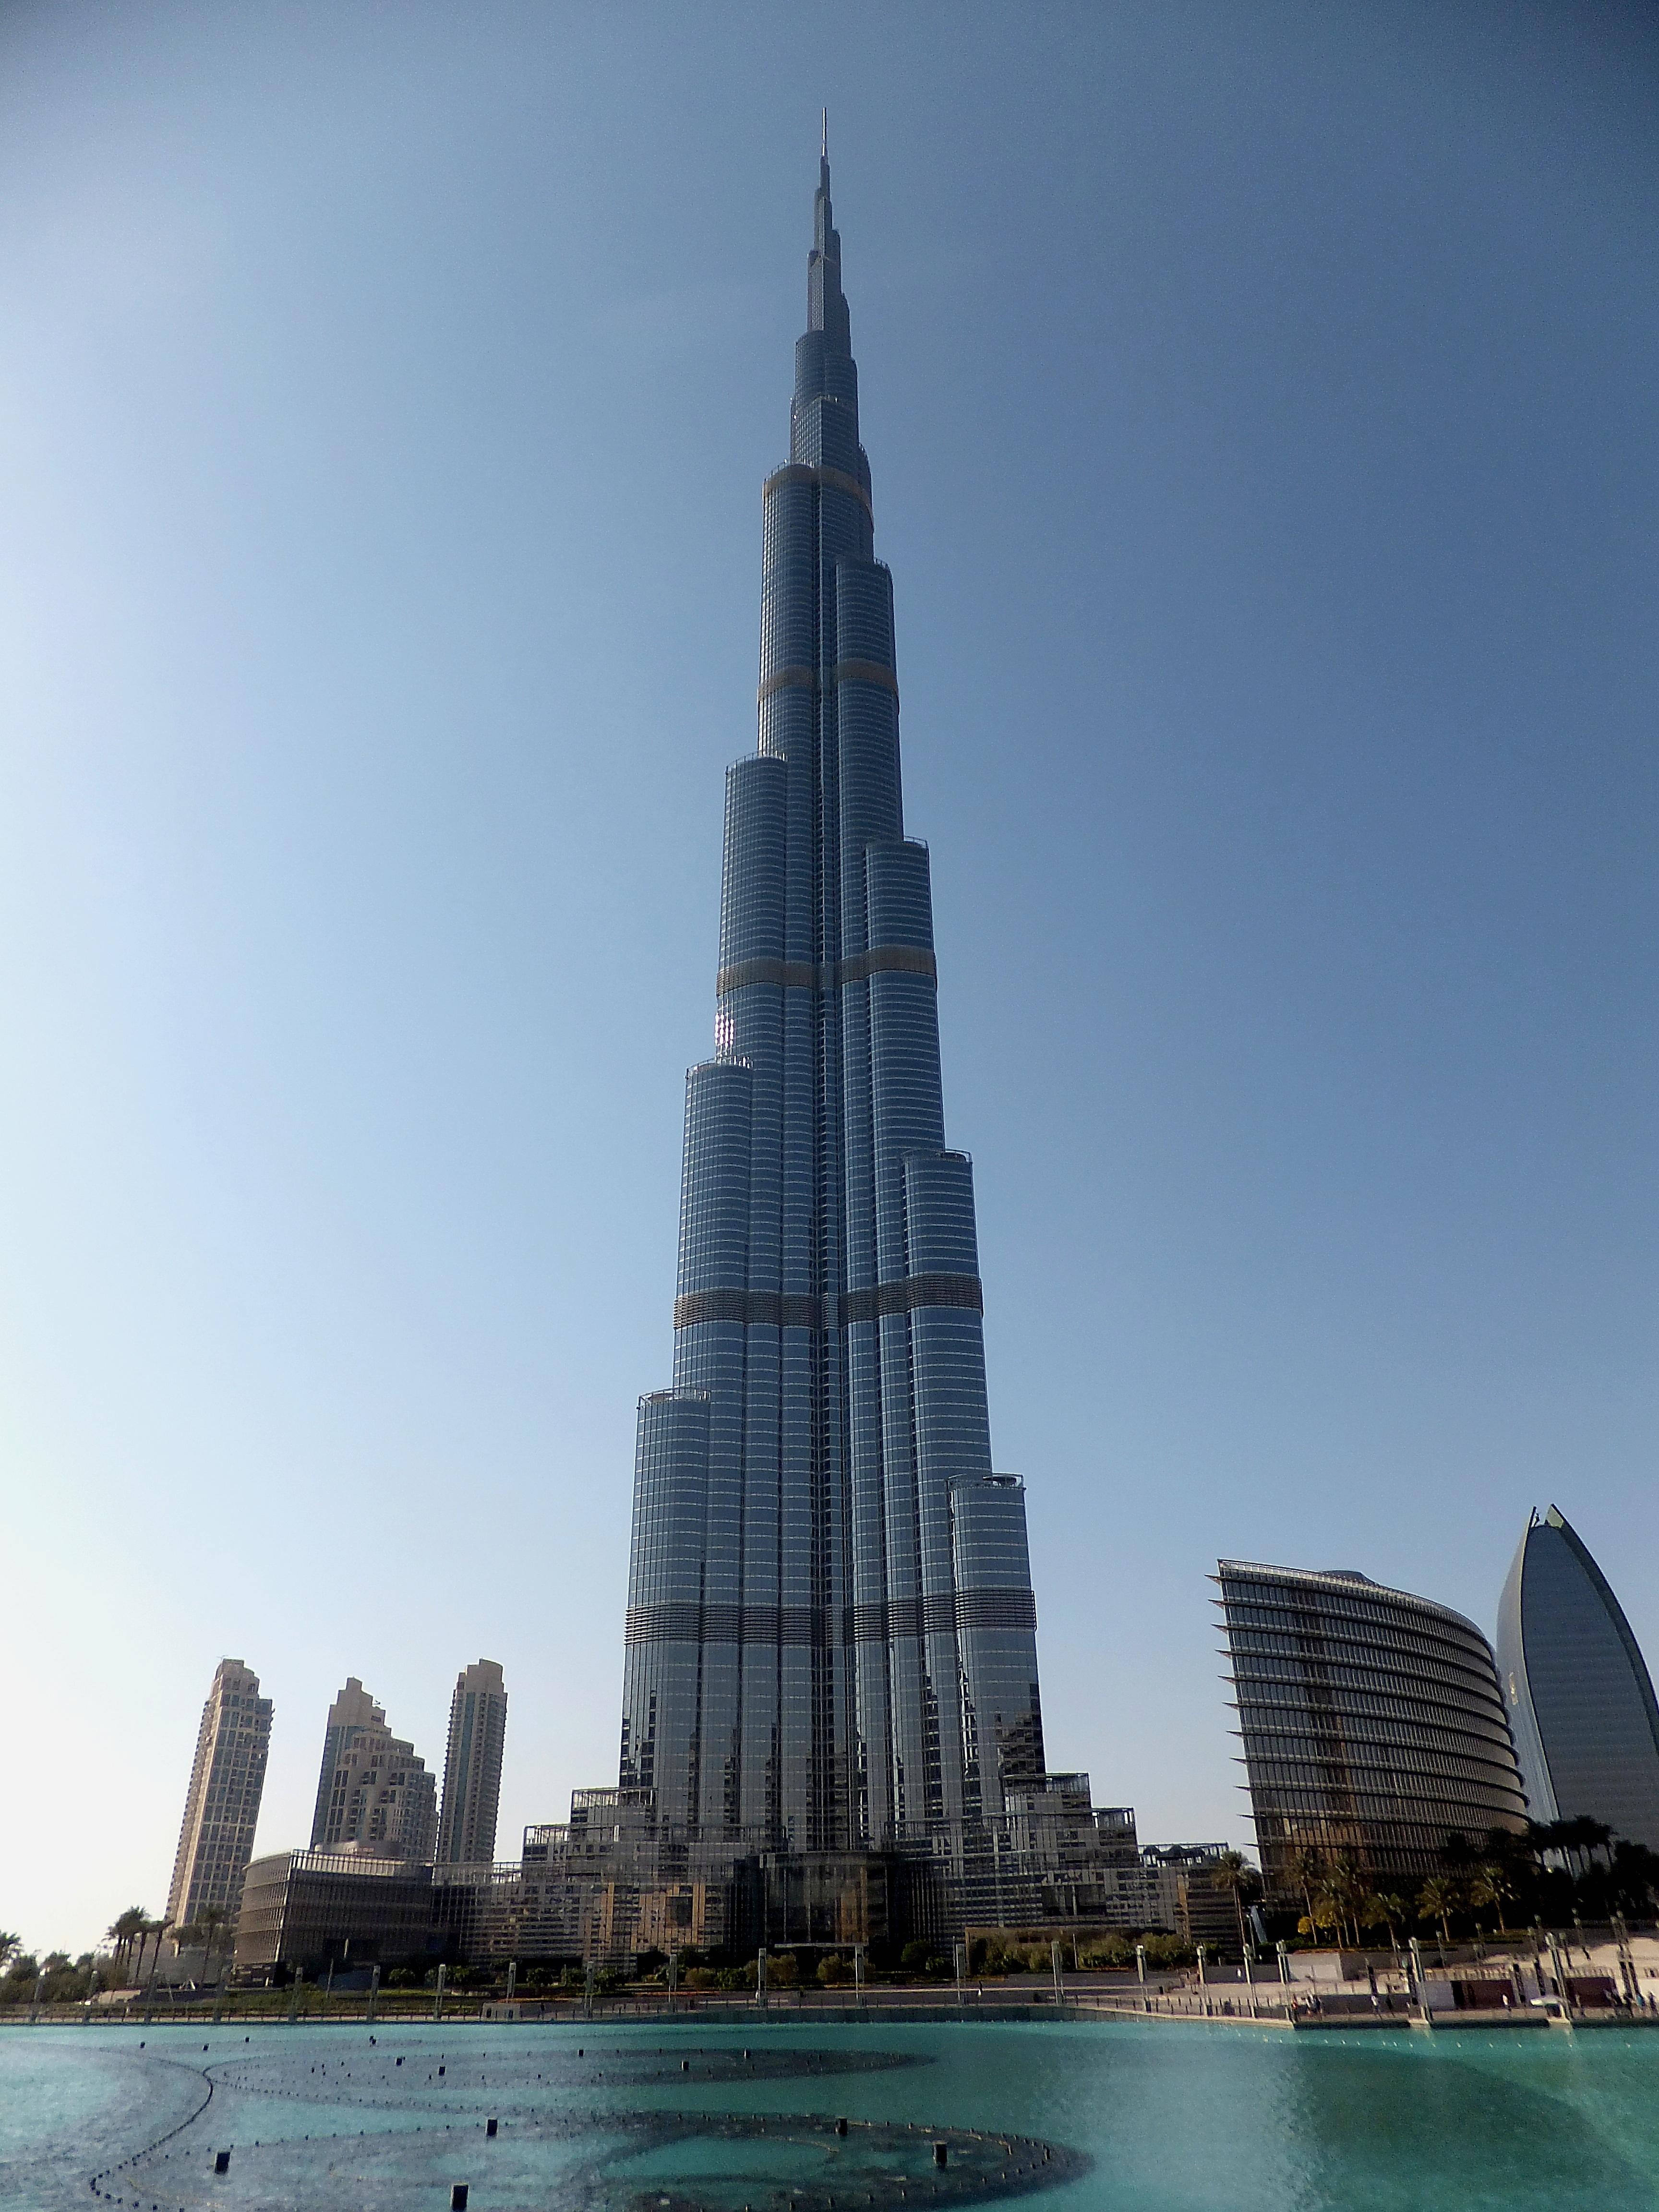 horizonte rascacielos paisaje urbano reflexin torre dubai punto de referencia turismo bloque de pisos aguja